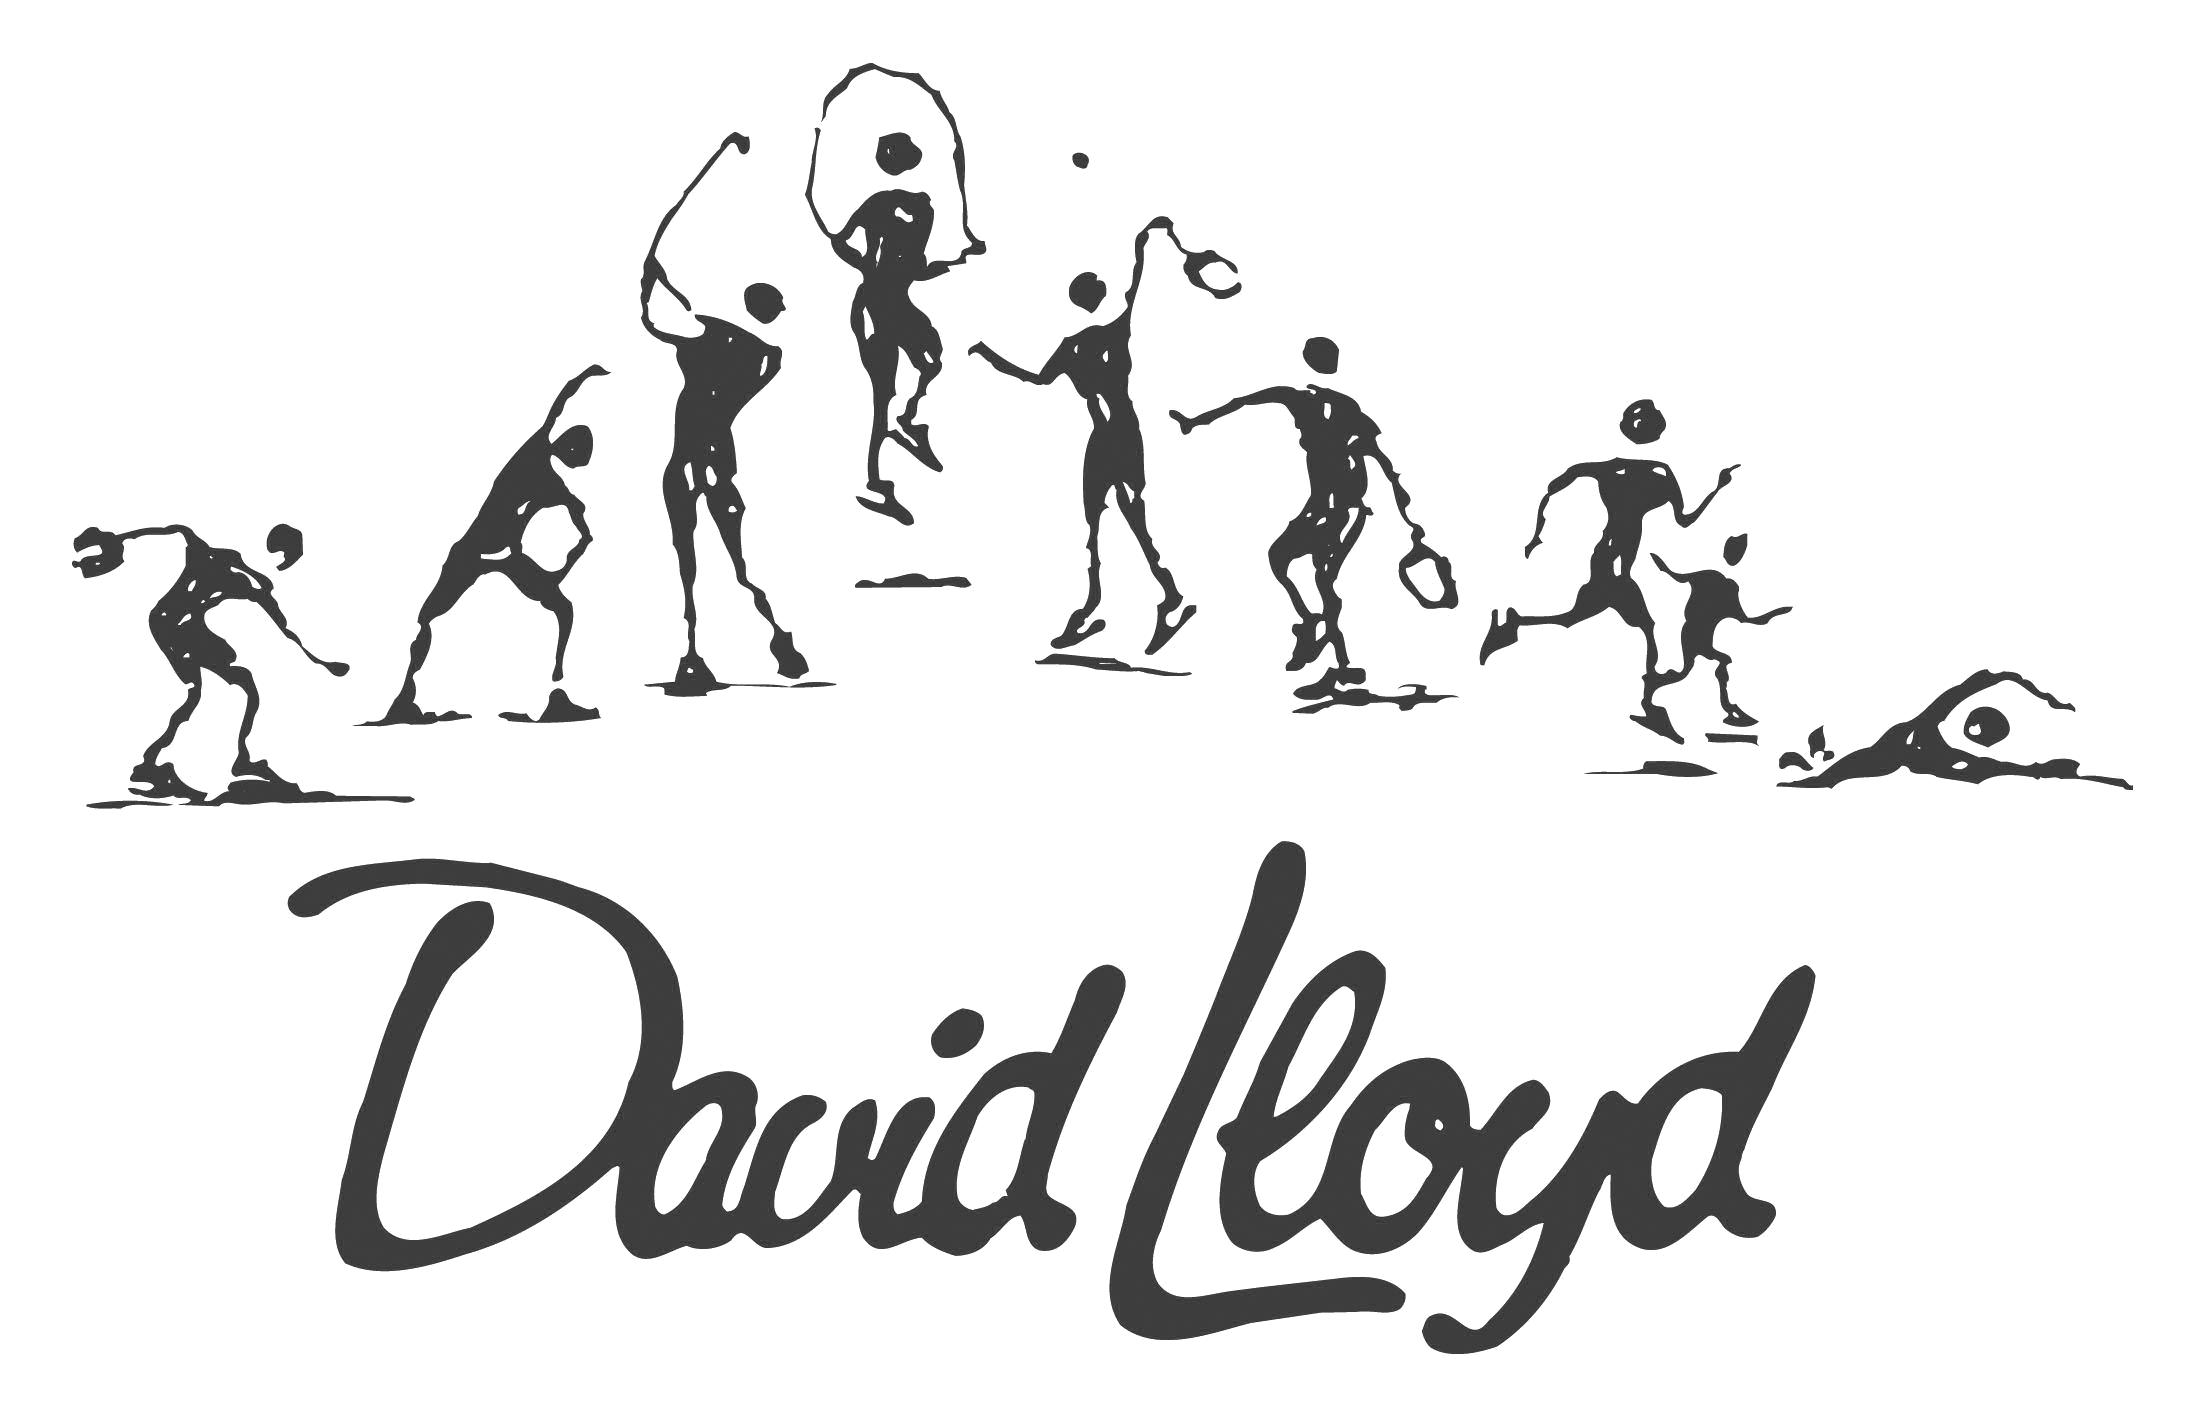 David Lloyd Leisure